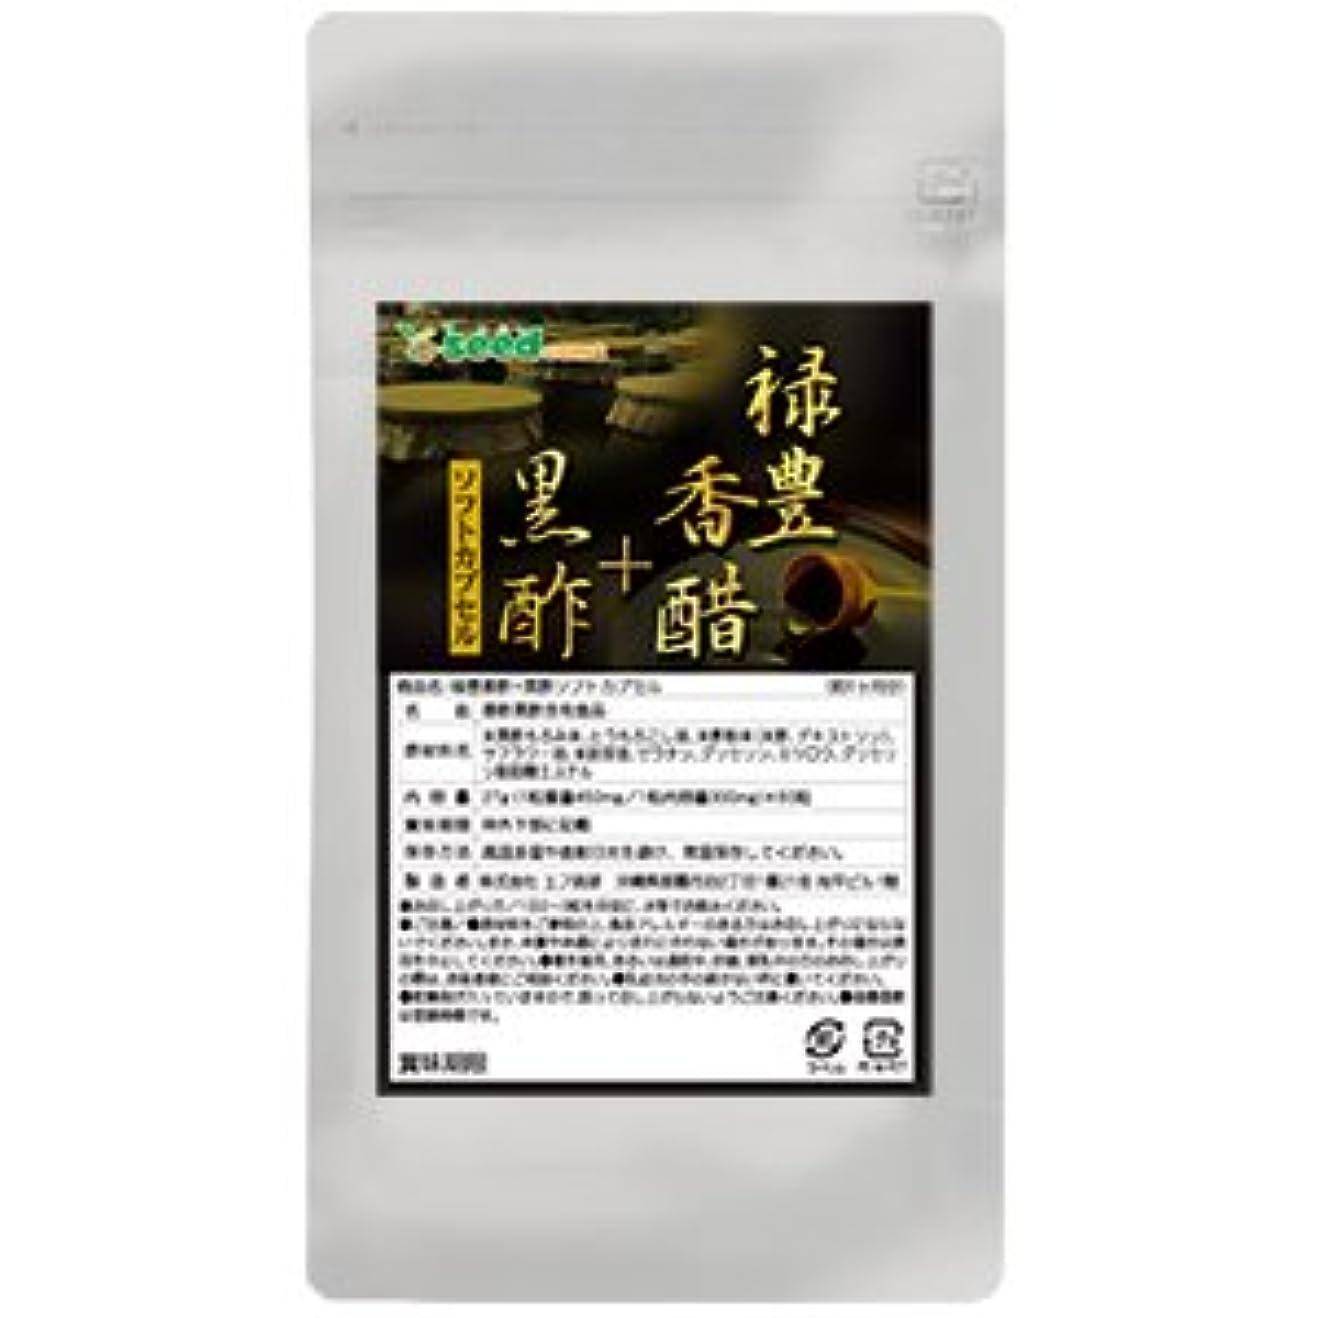 アドバンテージ徒歩で抜け目のない禄豊 香酢 + 黒酢 ソフトカプセル (約3ヶ月分/180粒)